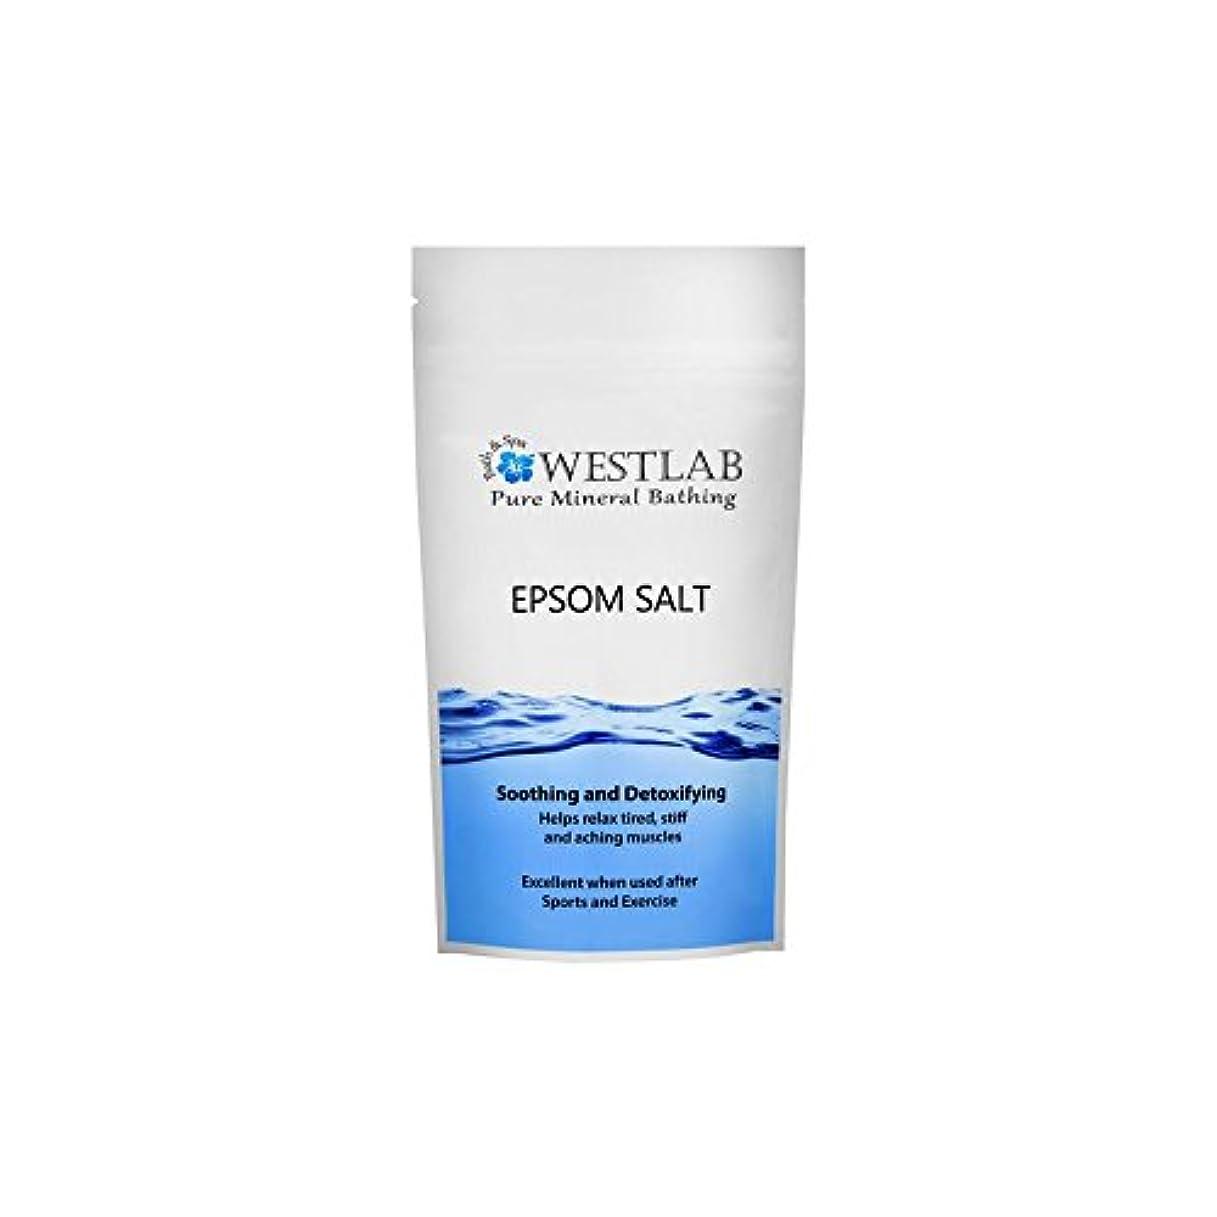 ボウルコットンソケットエプソム塩の1キロ x4 - Westlab Epsom Salt 1kg (Pack of 4) [並行輸入品]